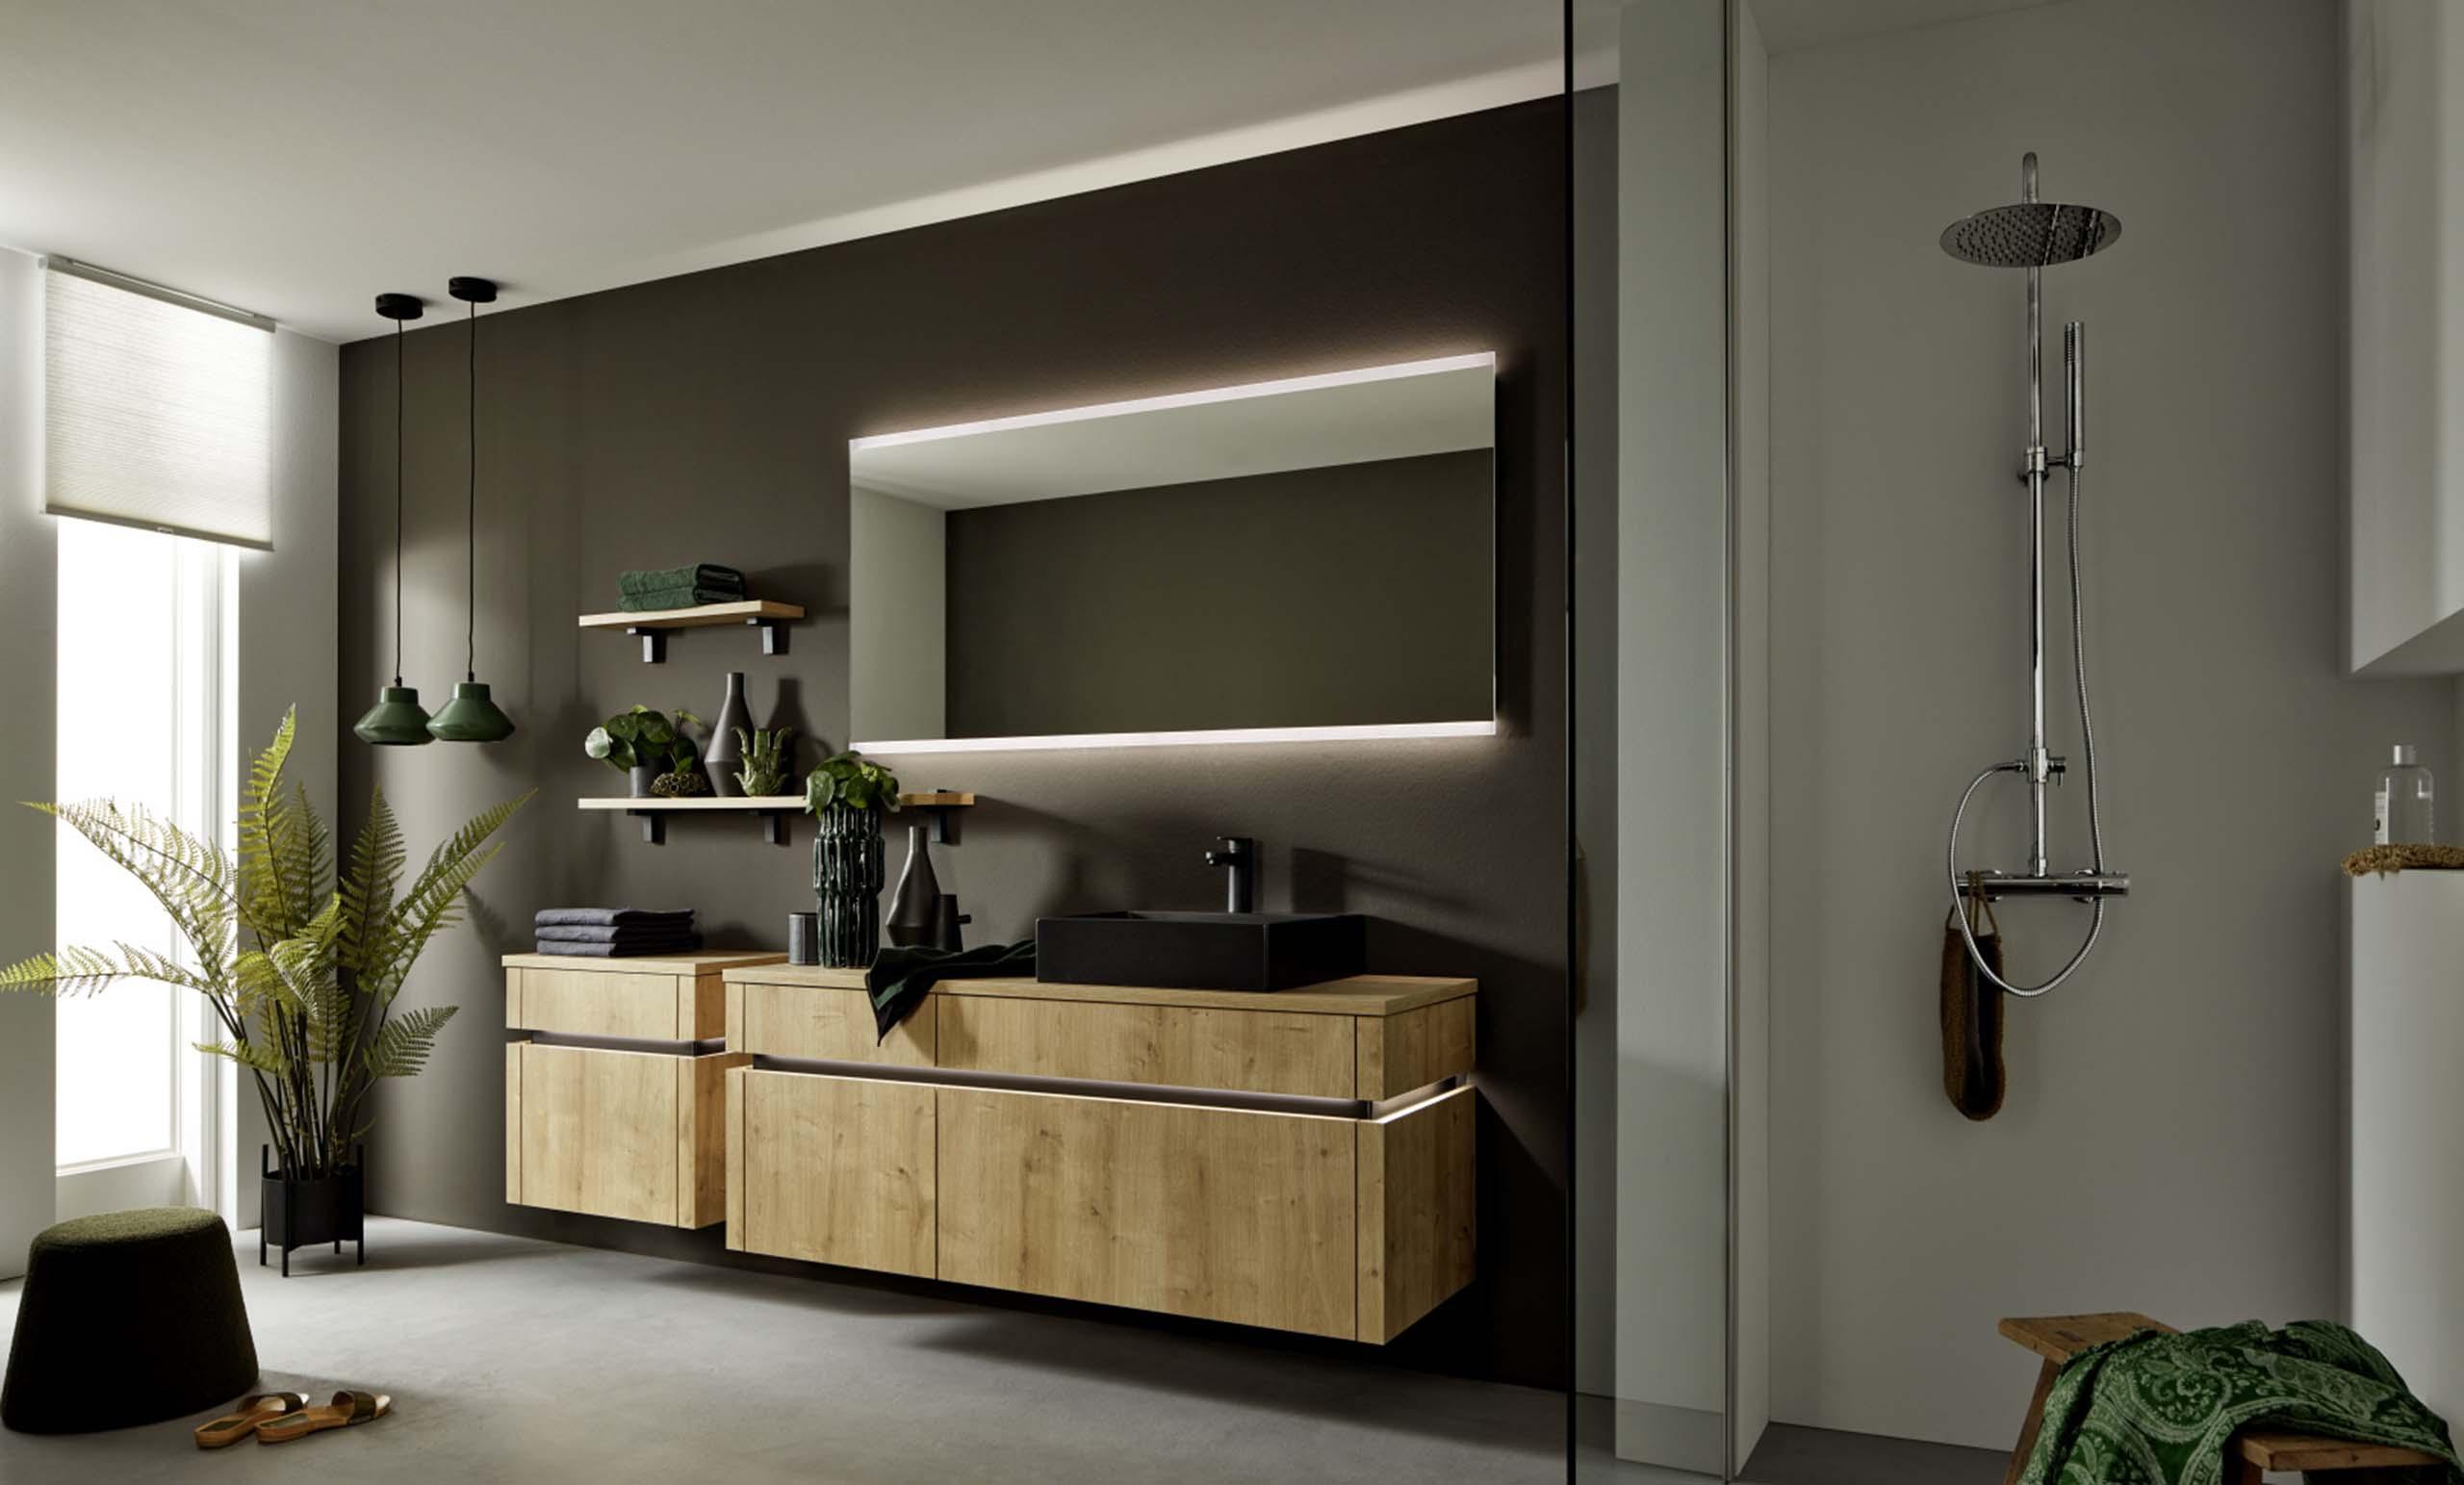 Küchen Erlebnis Lemgo | Nolte Badezimmer | Slider